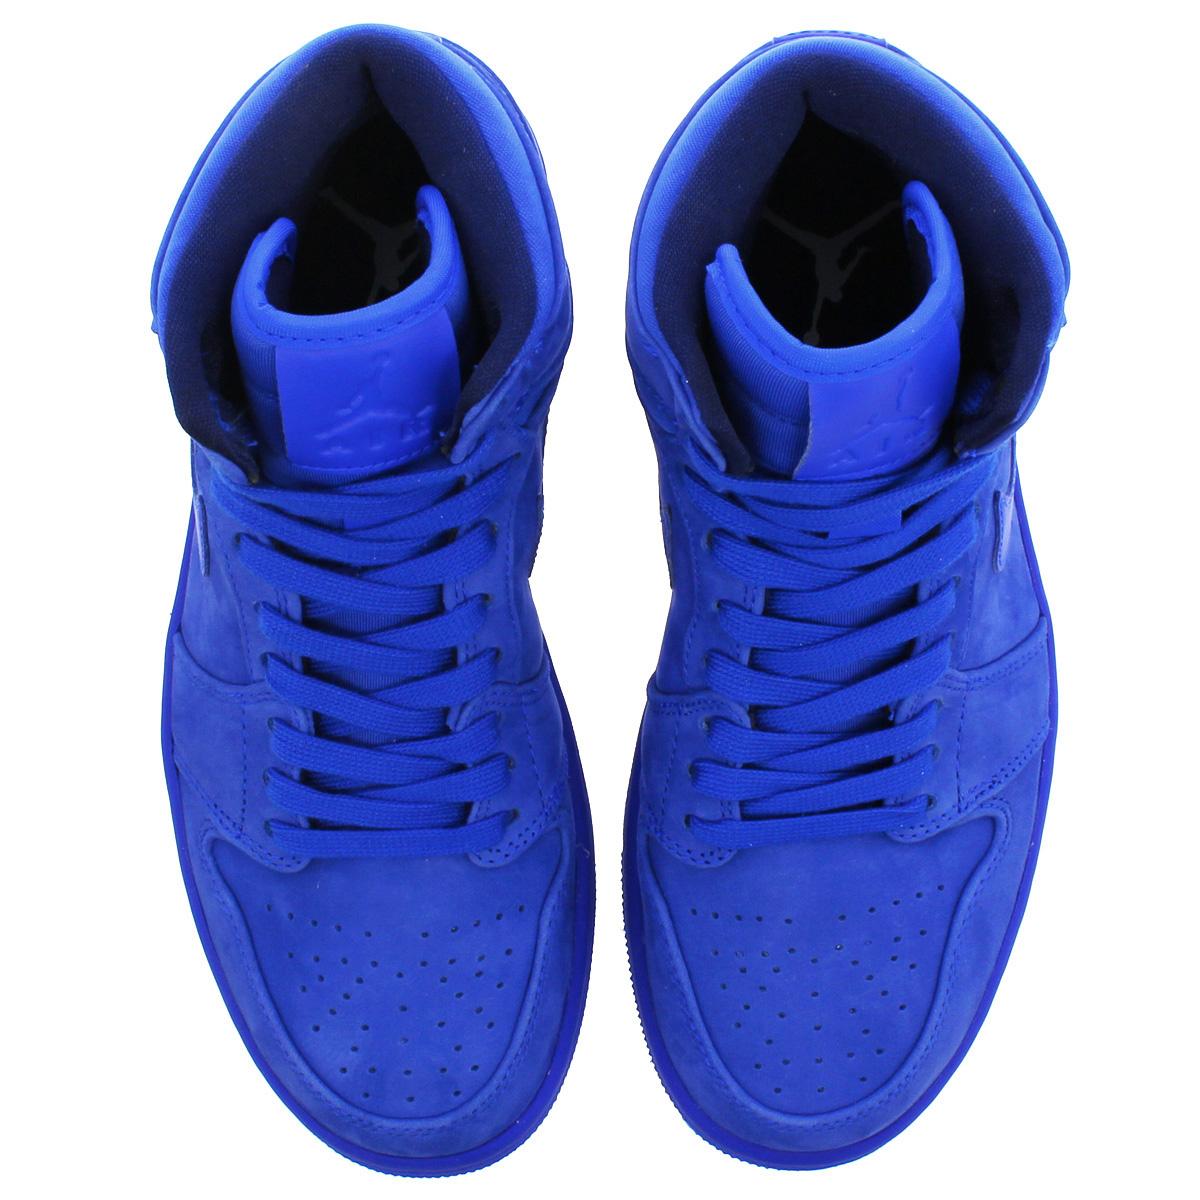 44e93f4bf21 NIKE WMNS AIR JORDAN 1 RETRO HI PREMIUM Nike women Air Jordan 1 nostalgic  high premium BLUE BLUE ah7389-400